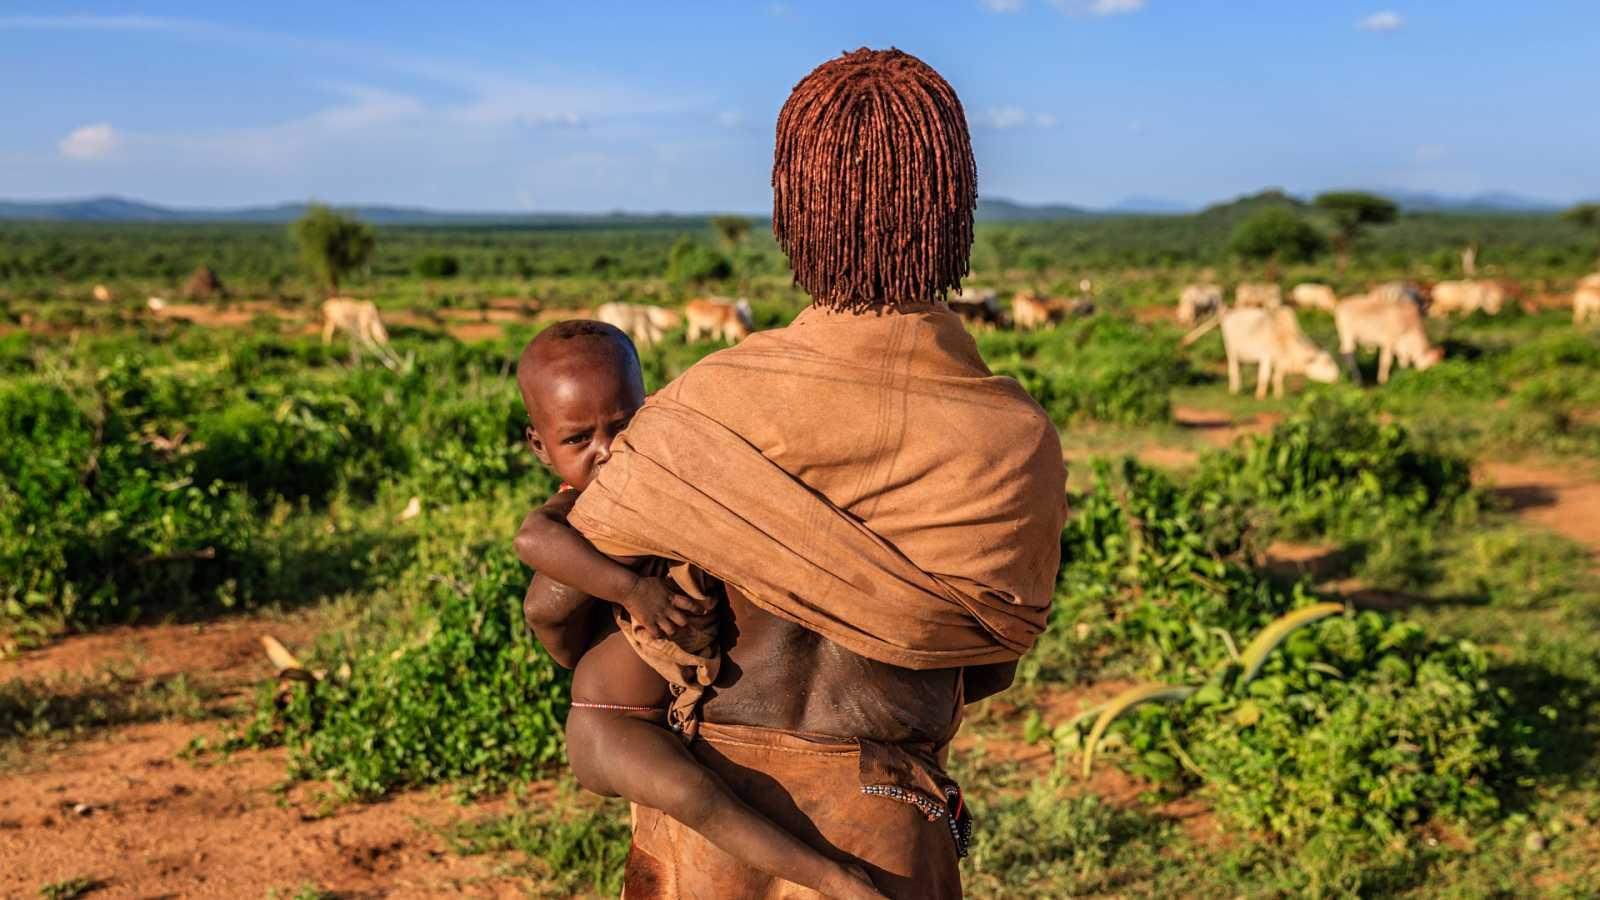 La Mañana - Día Internacional de Tolerancia Cero con la Mutilación Genital Femenina